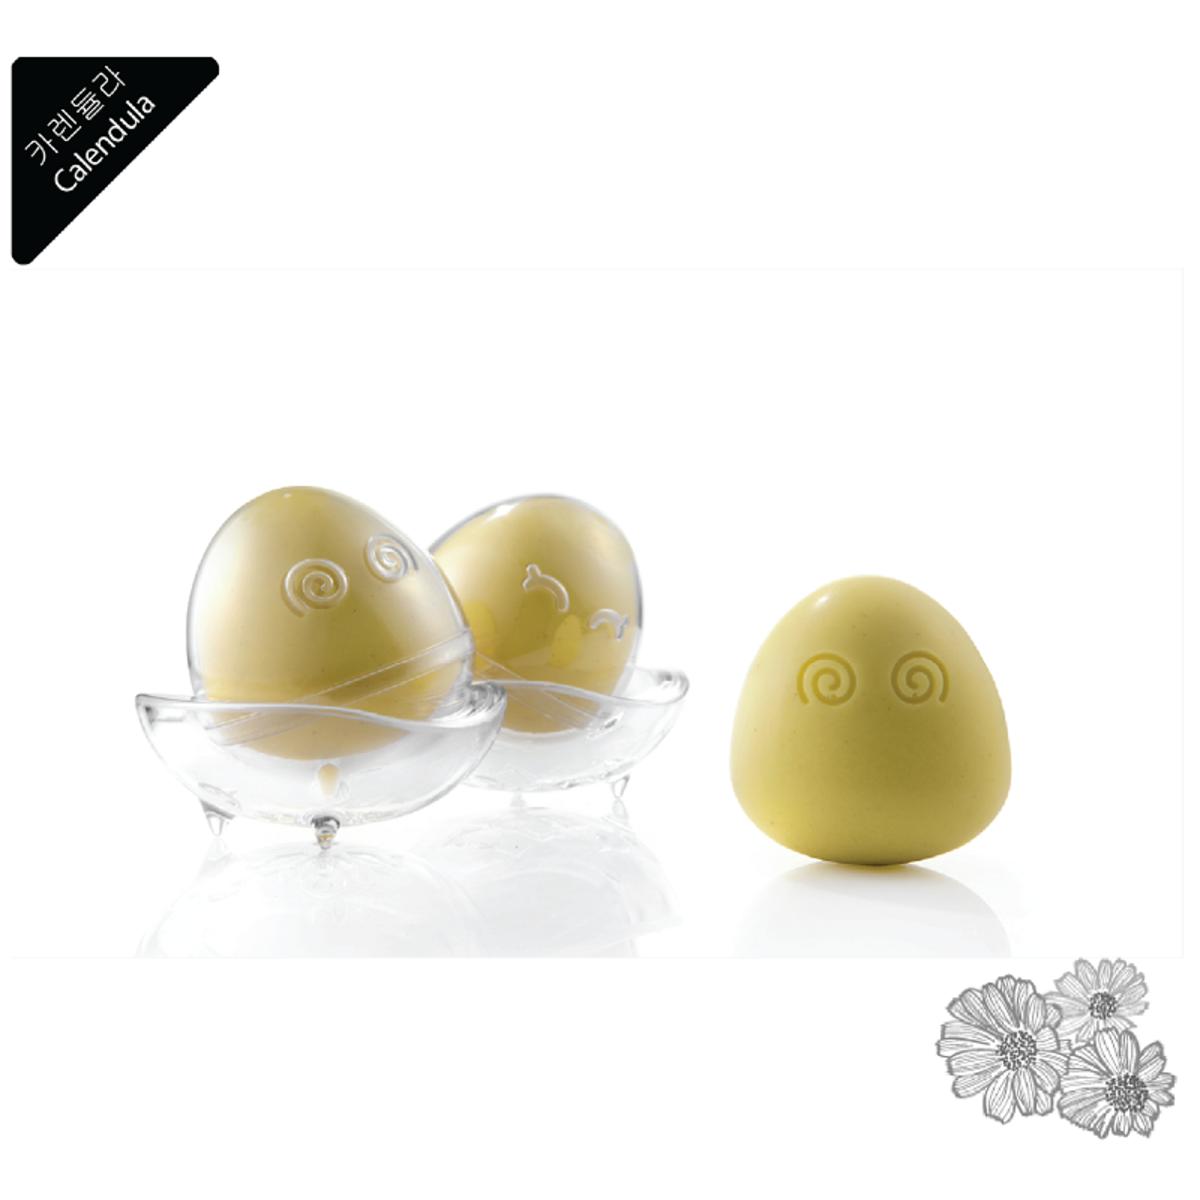 埃及金盞花 天然有機潔面皂-1件蛋形套裝